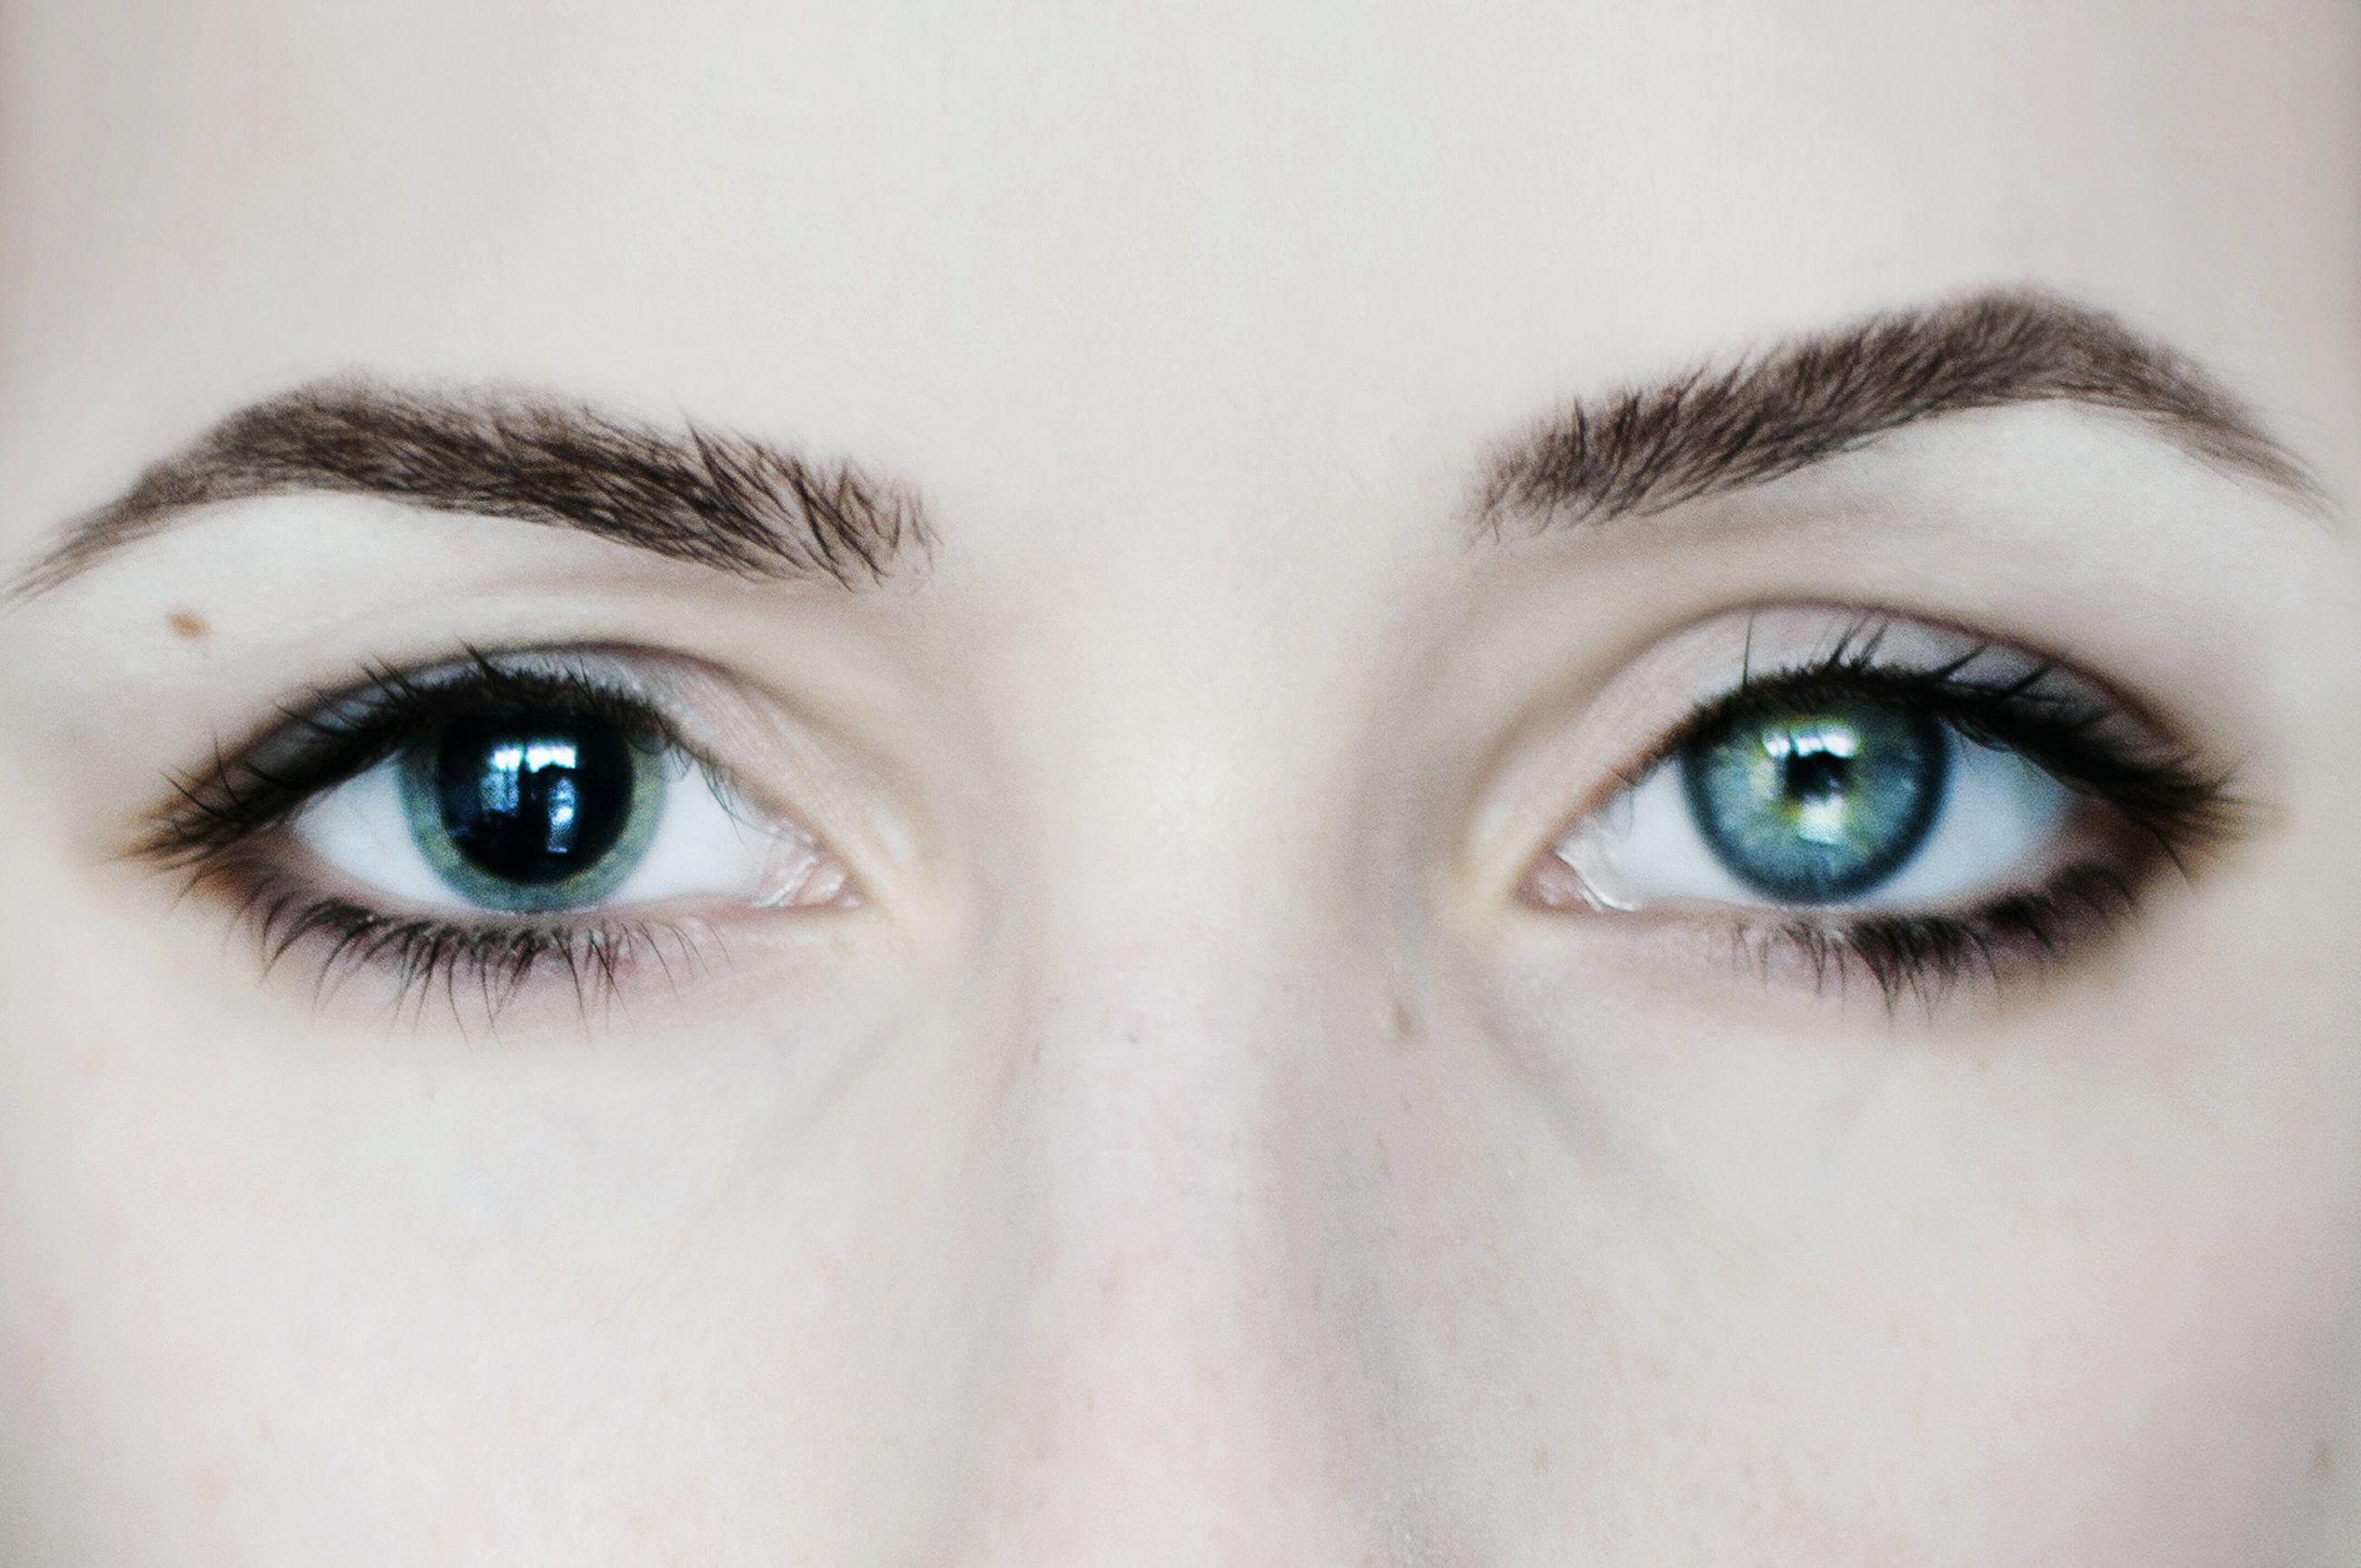 human eye, close-up, eyelash, portrait, human face, eyesight, part of, headshot, lifestyles, sensory perception, human skin, iris - eye, extreme close-up, extreme close up, staring, detail, cropped, full frame